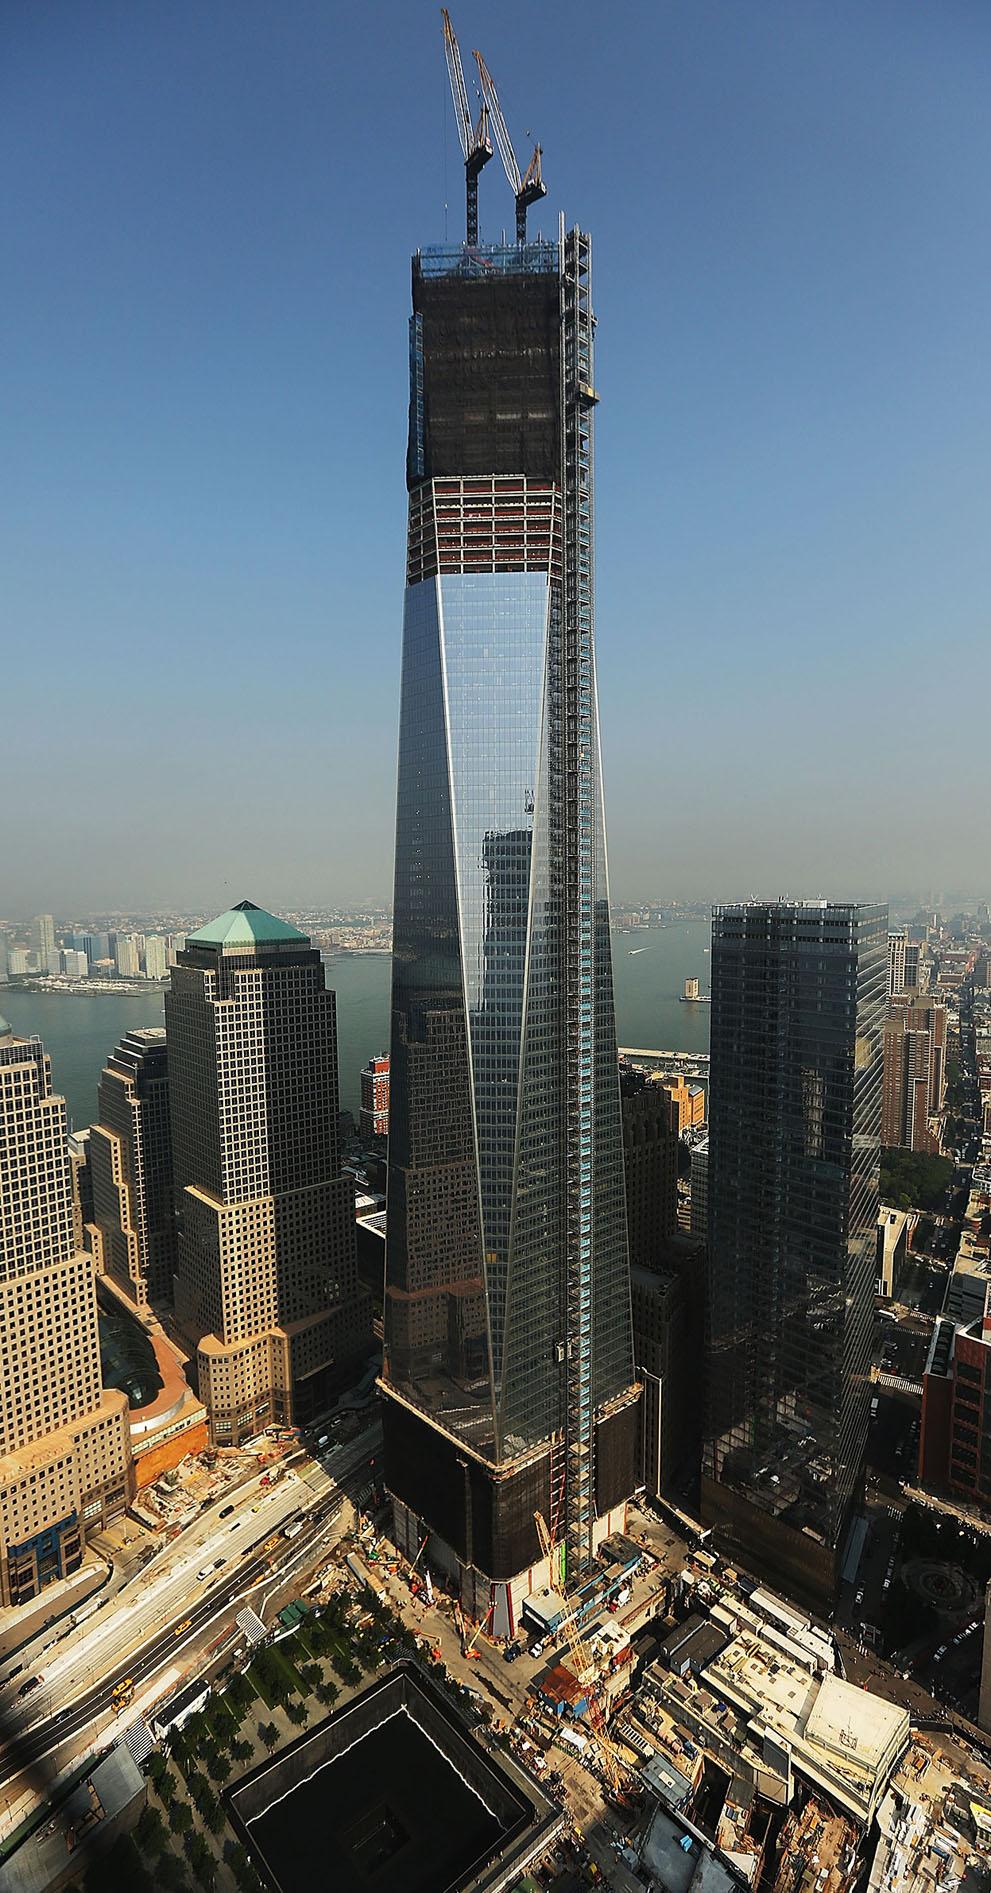 На фотографии вы видите Всемирный торговый центр 1 также известен как Башня  Свободы (Freedom Tower). Его возведение началось в апреле 2006 года. a241674ca6f